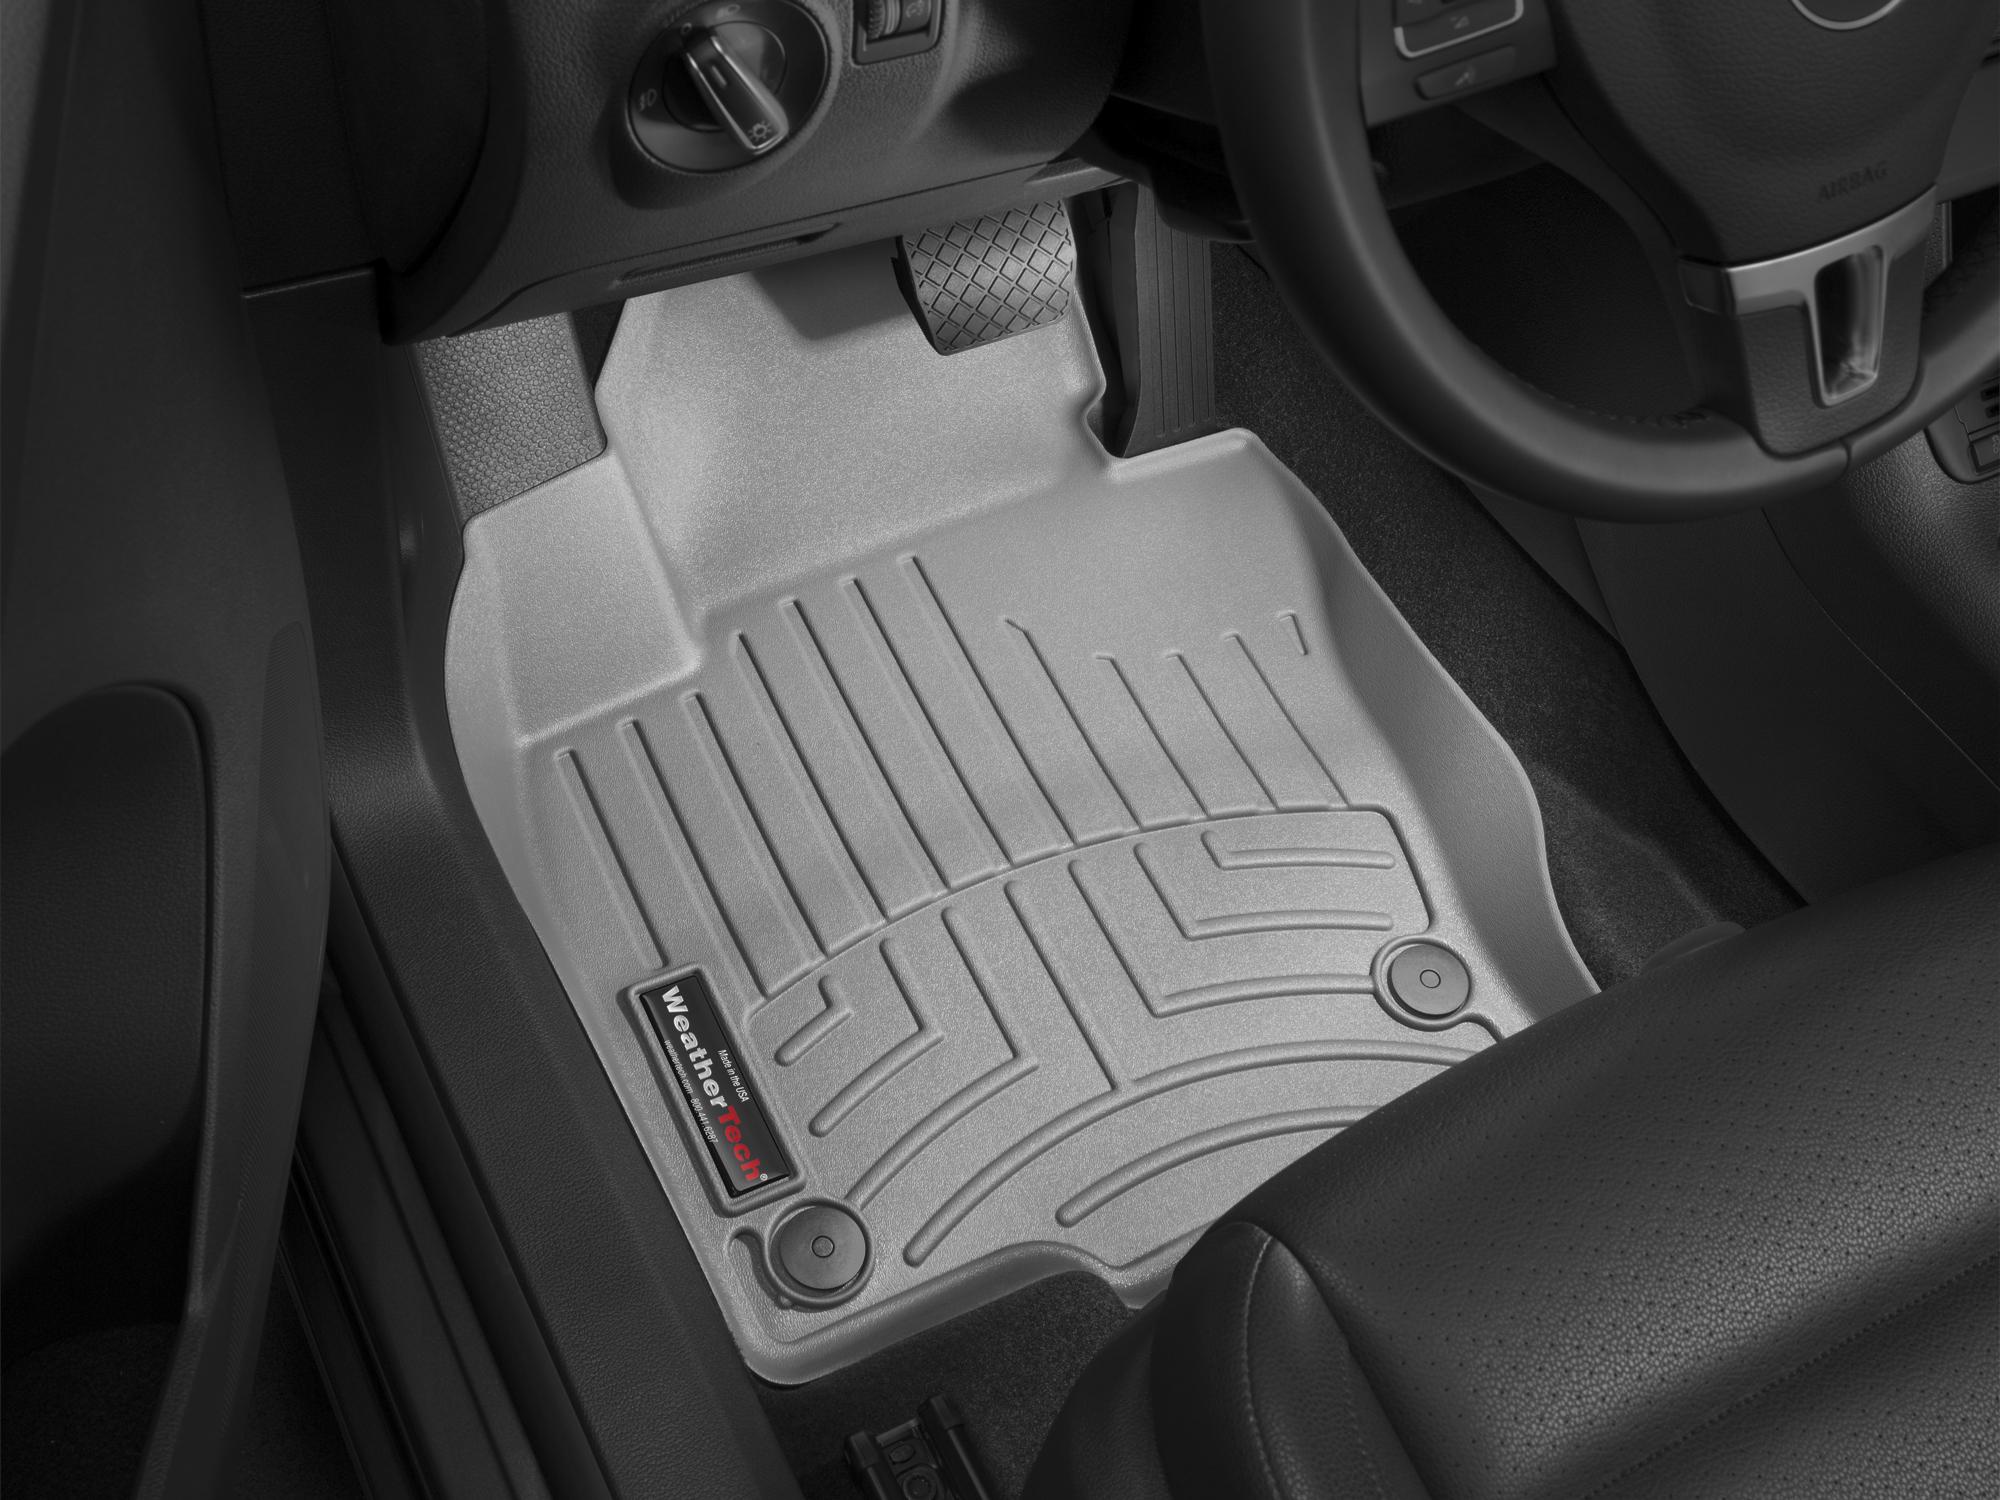 Tappeti gomma su misura bordo alto Volkswagen Tiguan 08>15 Grigio A4261*